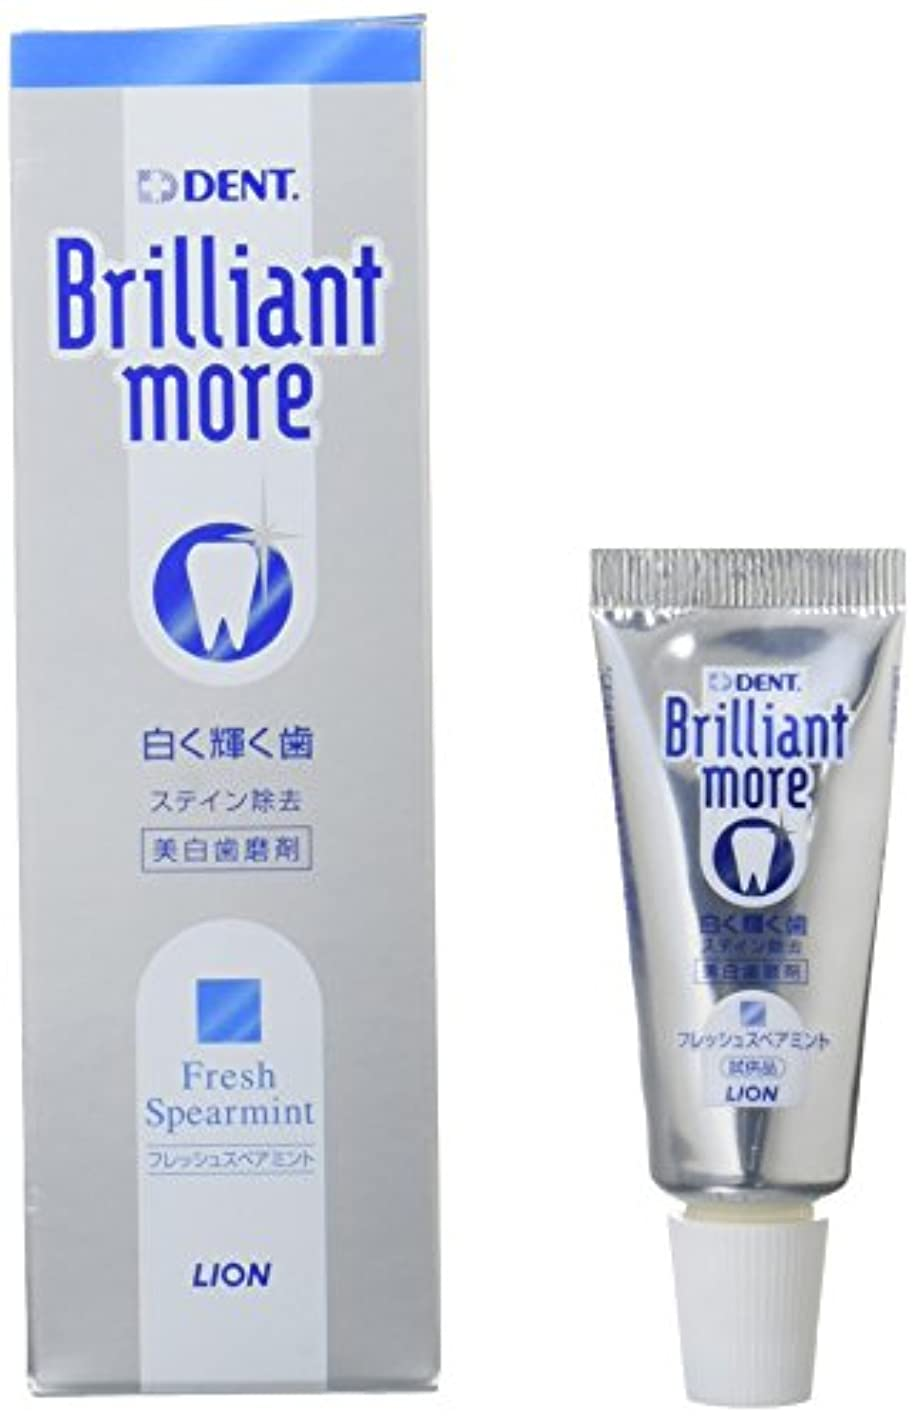 専門ブロッサム体系的にライオン ブリリアントモア フレッシュスペアミント 歯科用 美白歯磨剤 90g×2本 (試供品 20g×1本付き)期間限定